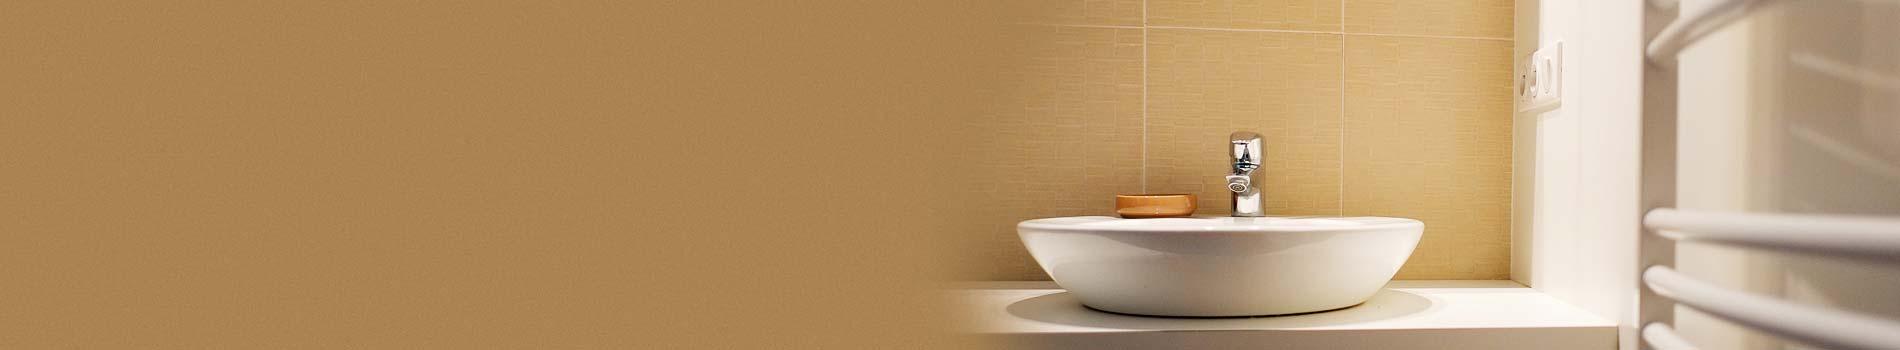 Plomberie vasque salle de bain